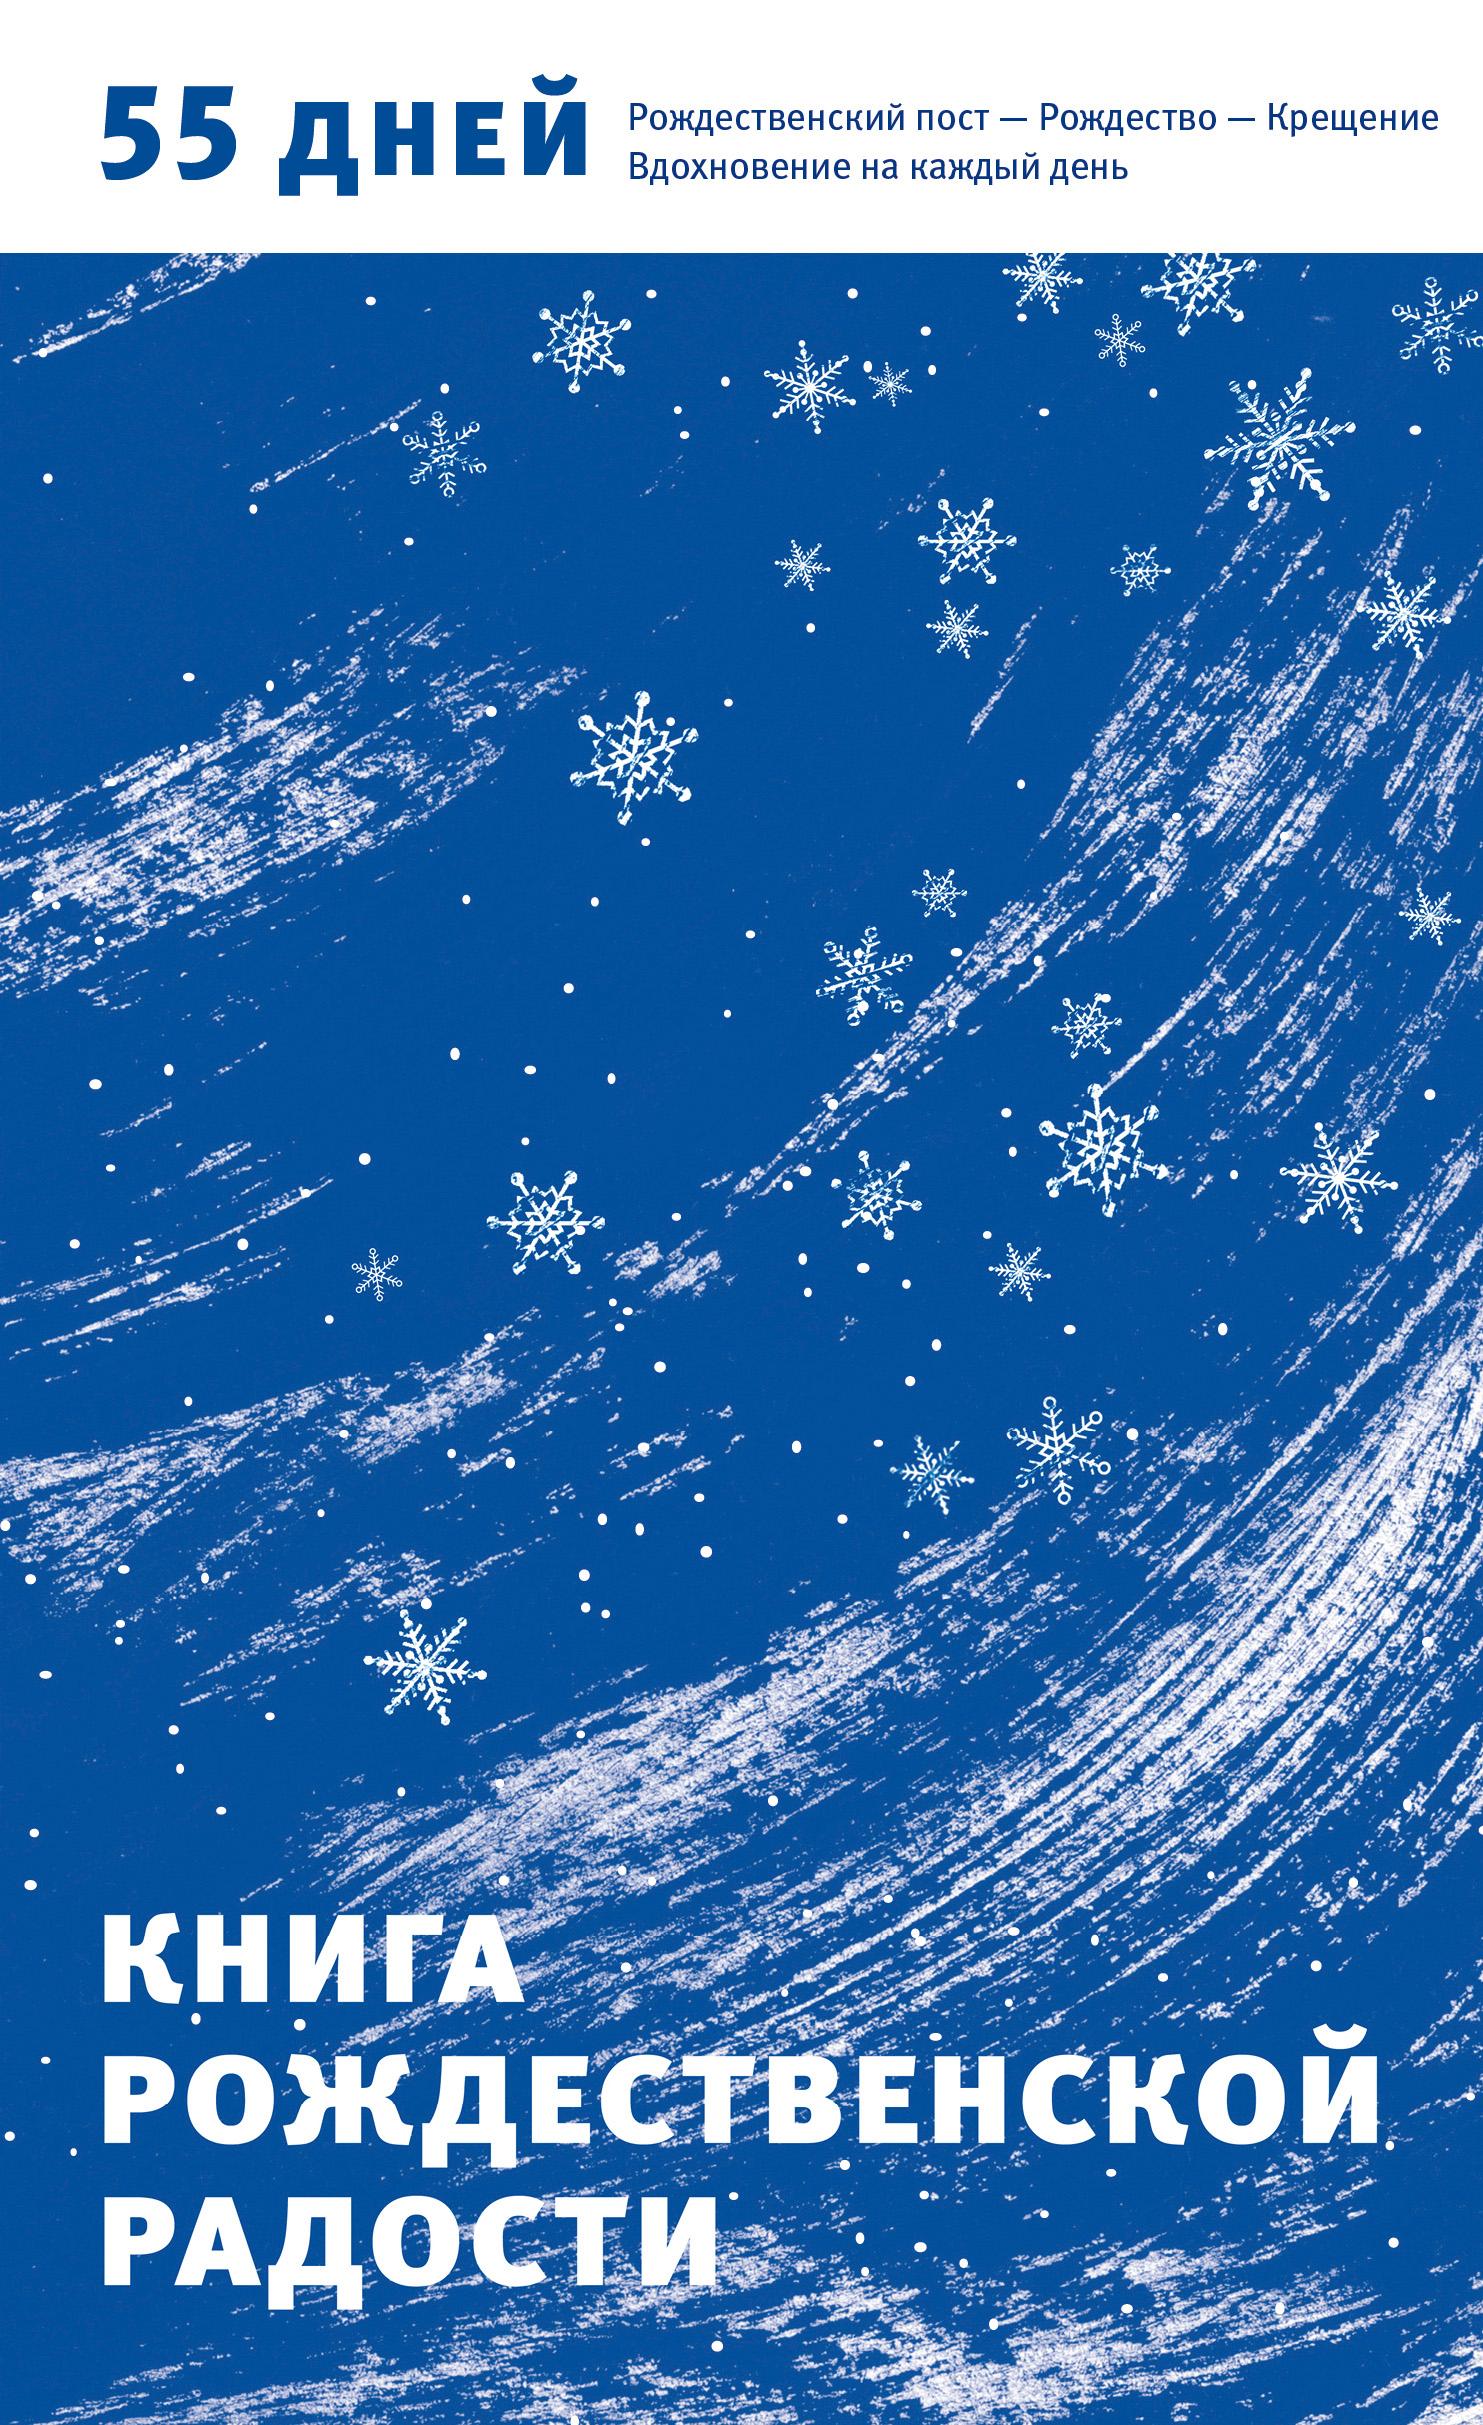 Отсутствует Книга Рождественской радости. 55 дней. Рождественский пост – Рождество – Крещение. Вдохновение на каждый день вера желиховская в христову ночь